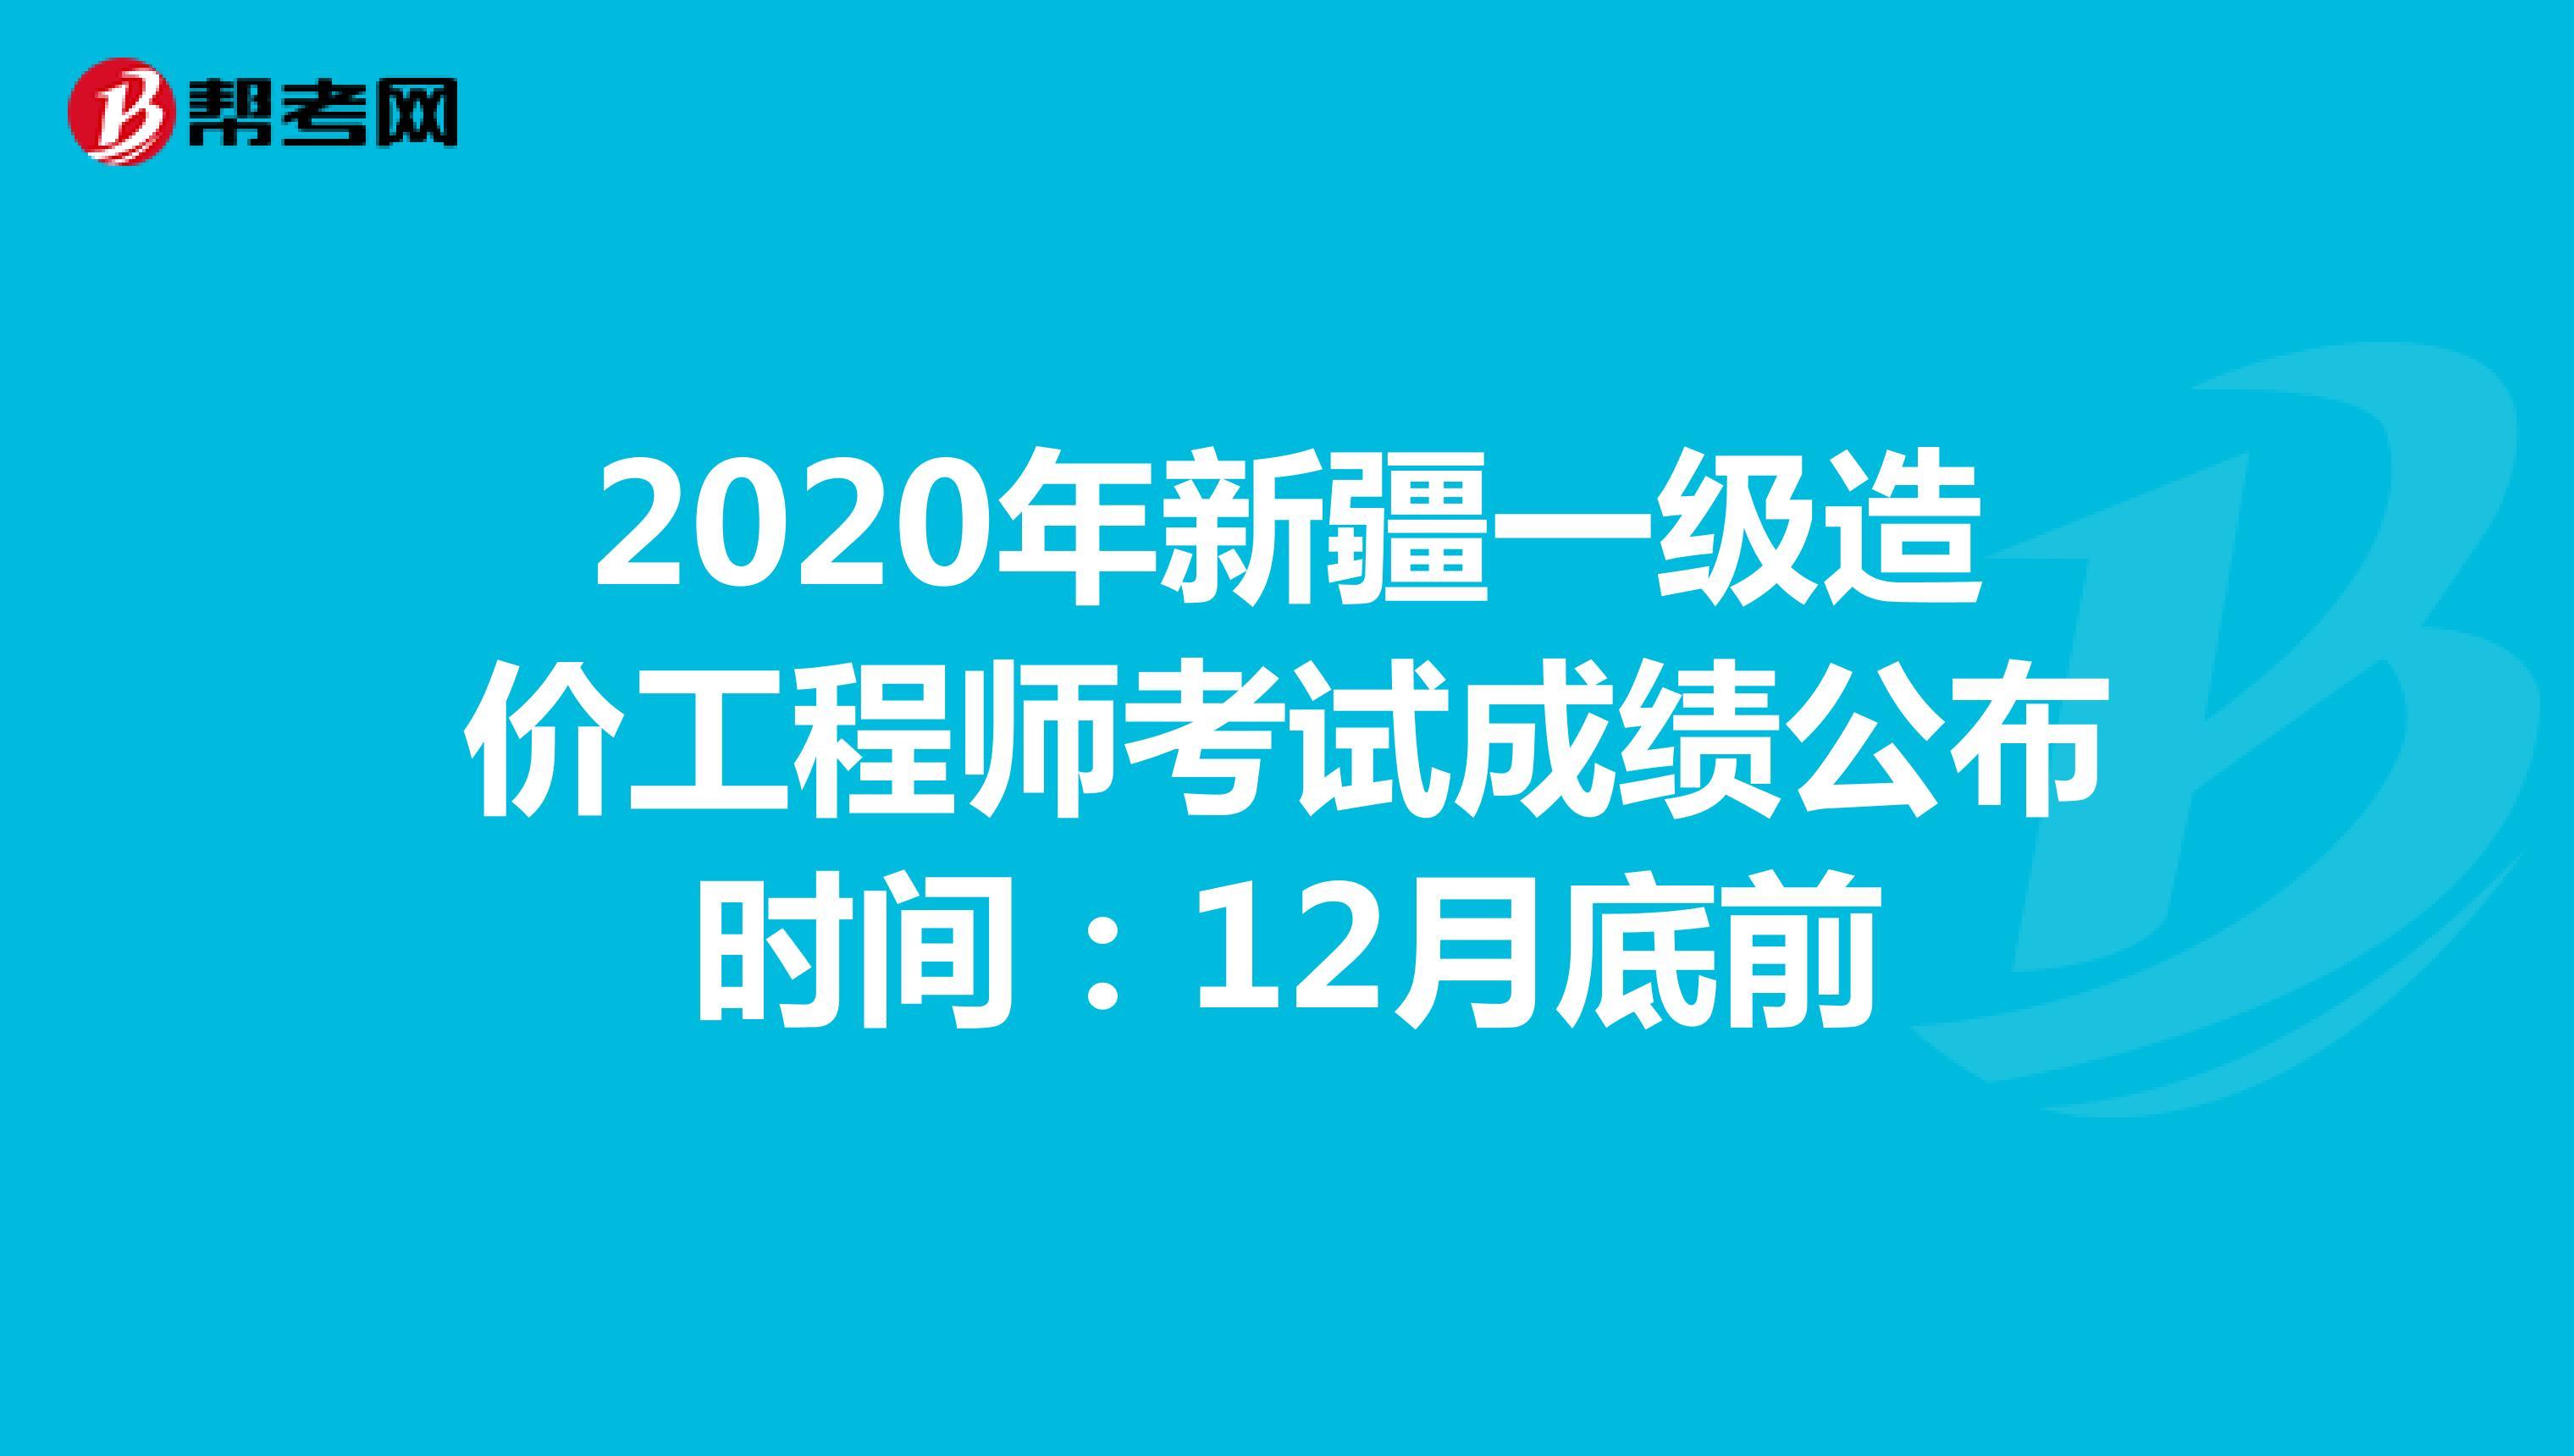 2020年新疆一级造价工程师考试成绩公布时间:12月底前